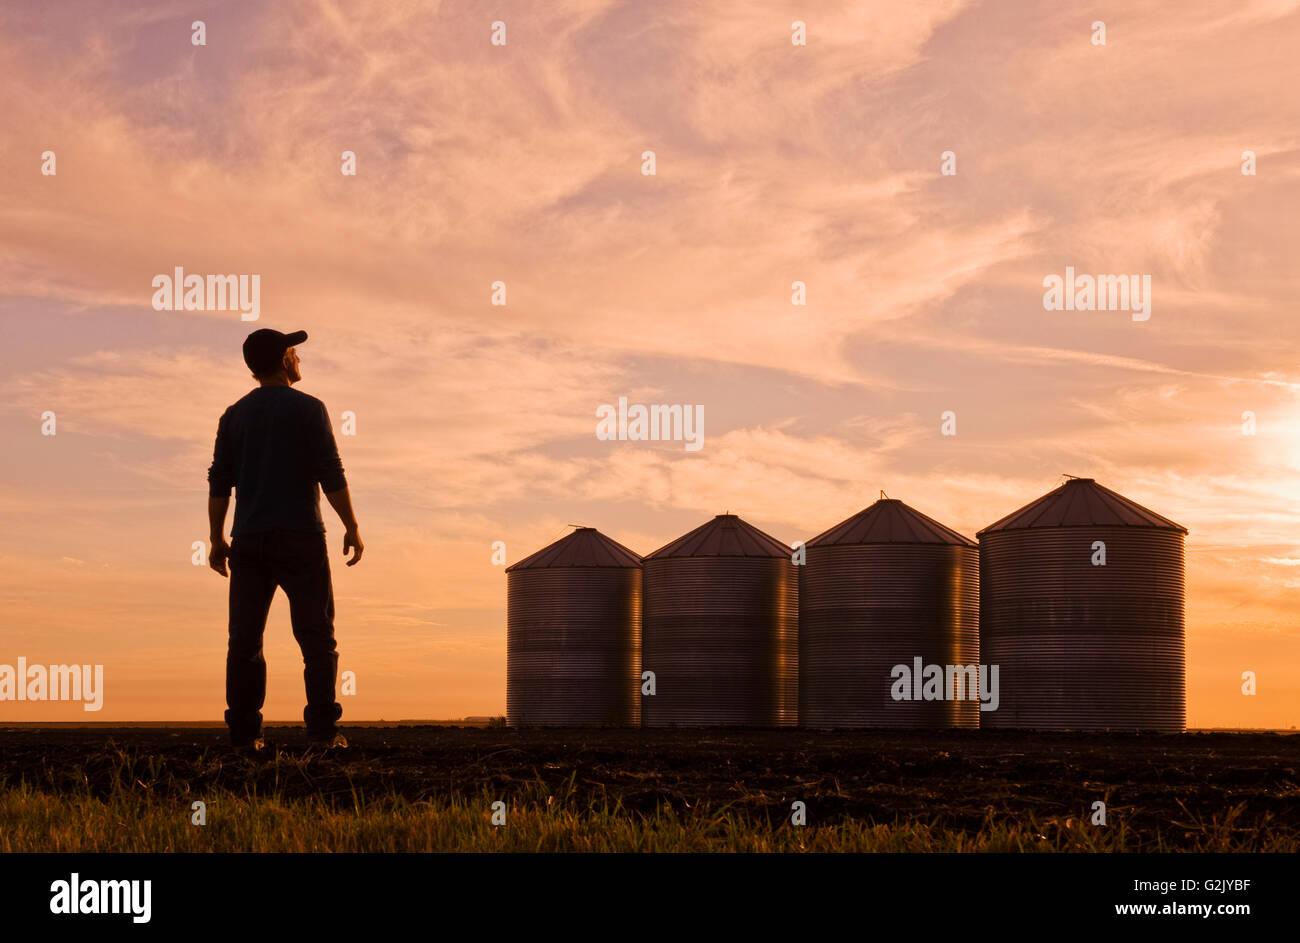 Un agricoltore si affaccia sul grano deposito bidoni/silos al tramonto,vicino a Carey, Manitoba, Canada Immagini Stock